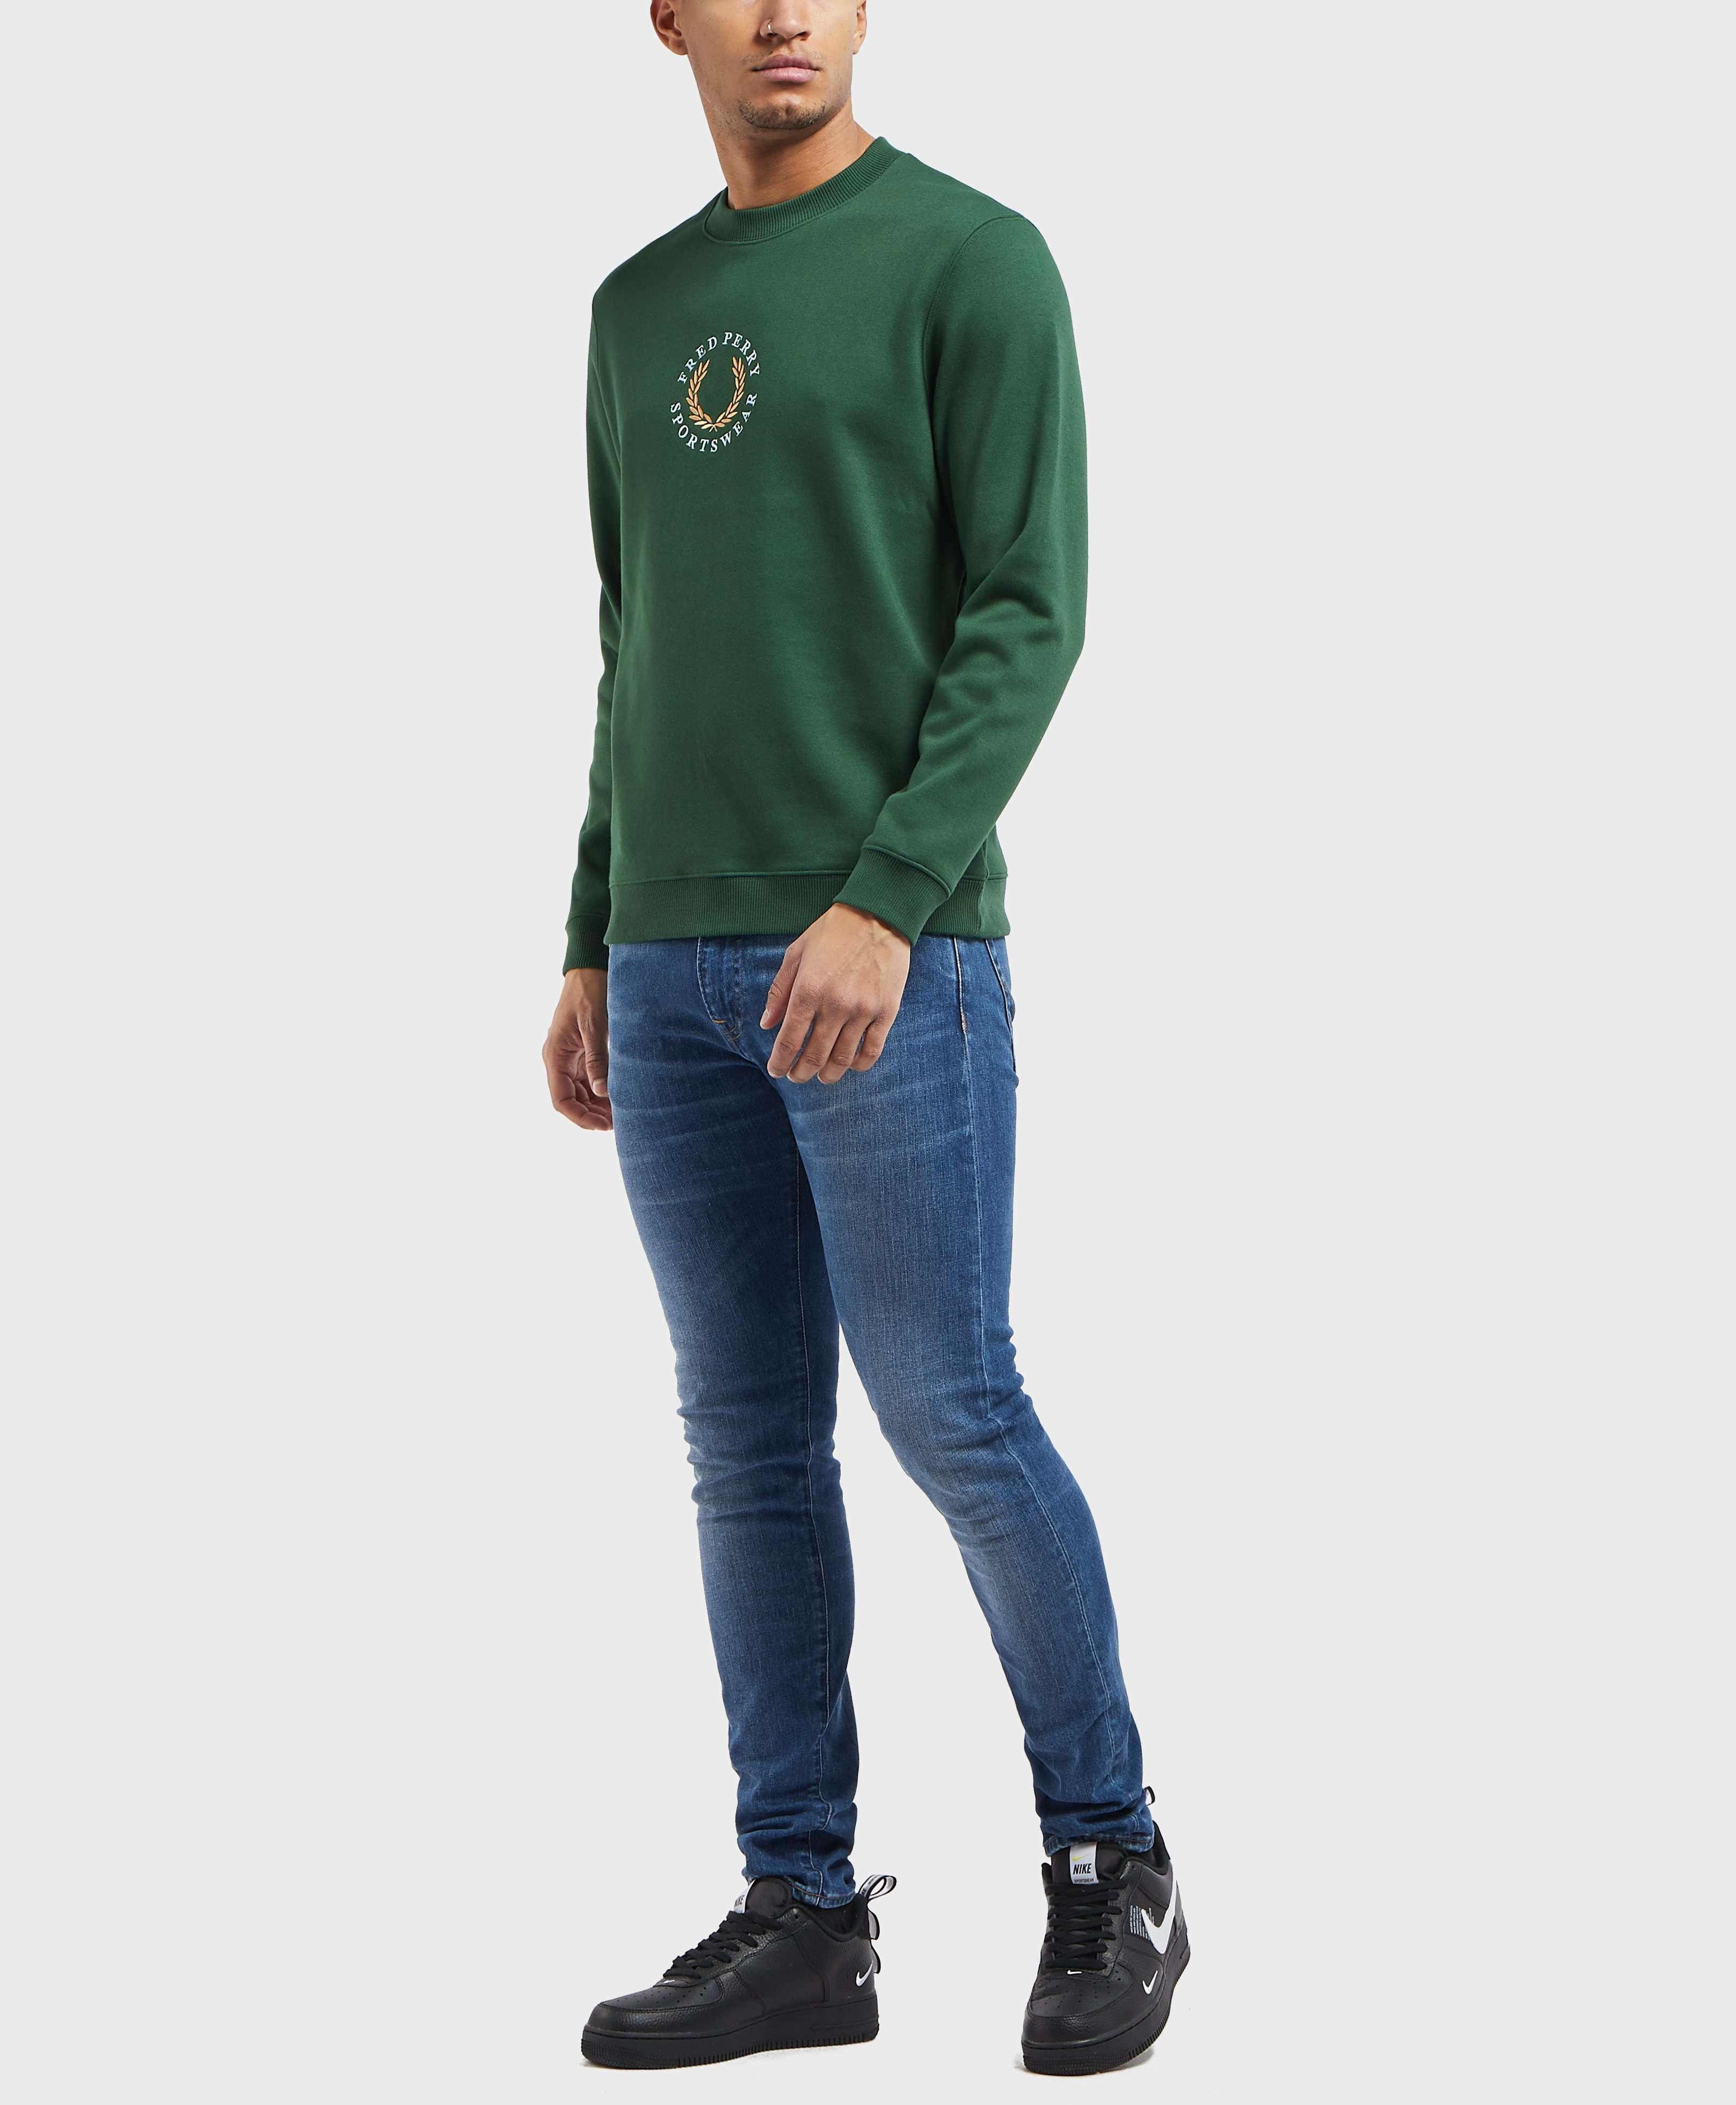 Fred Perry Global Branded Sweatshirt